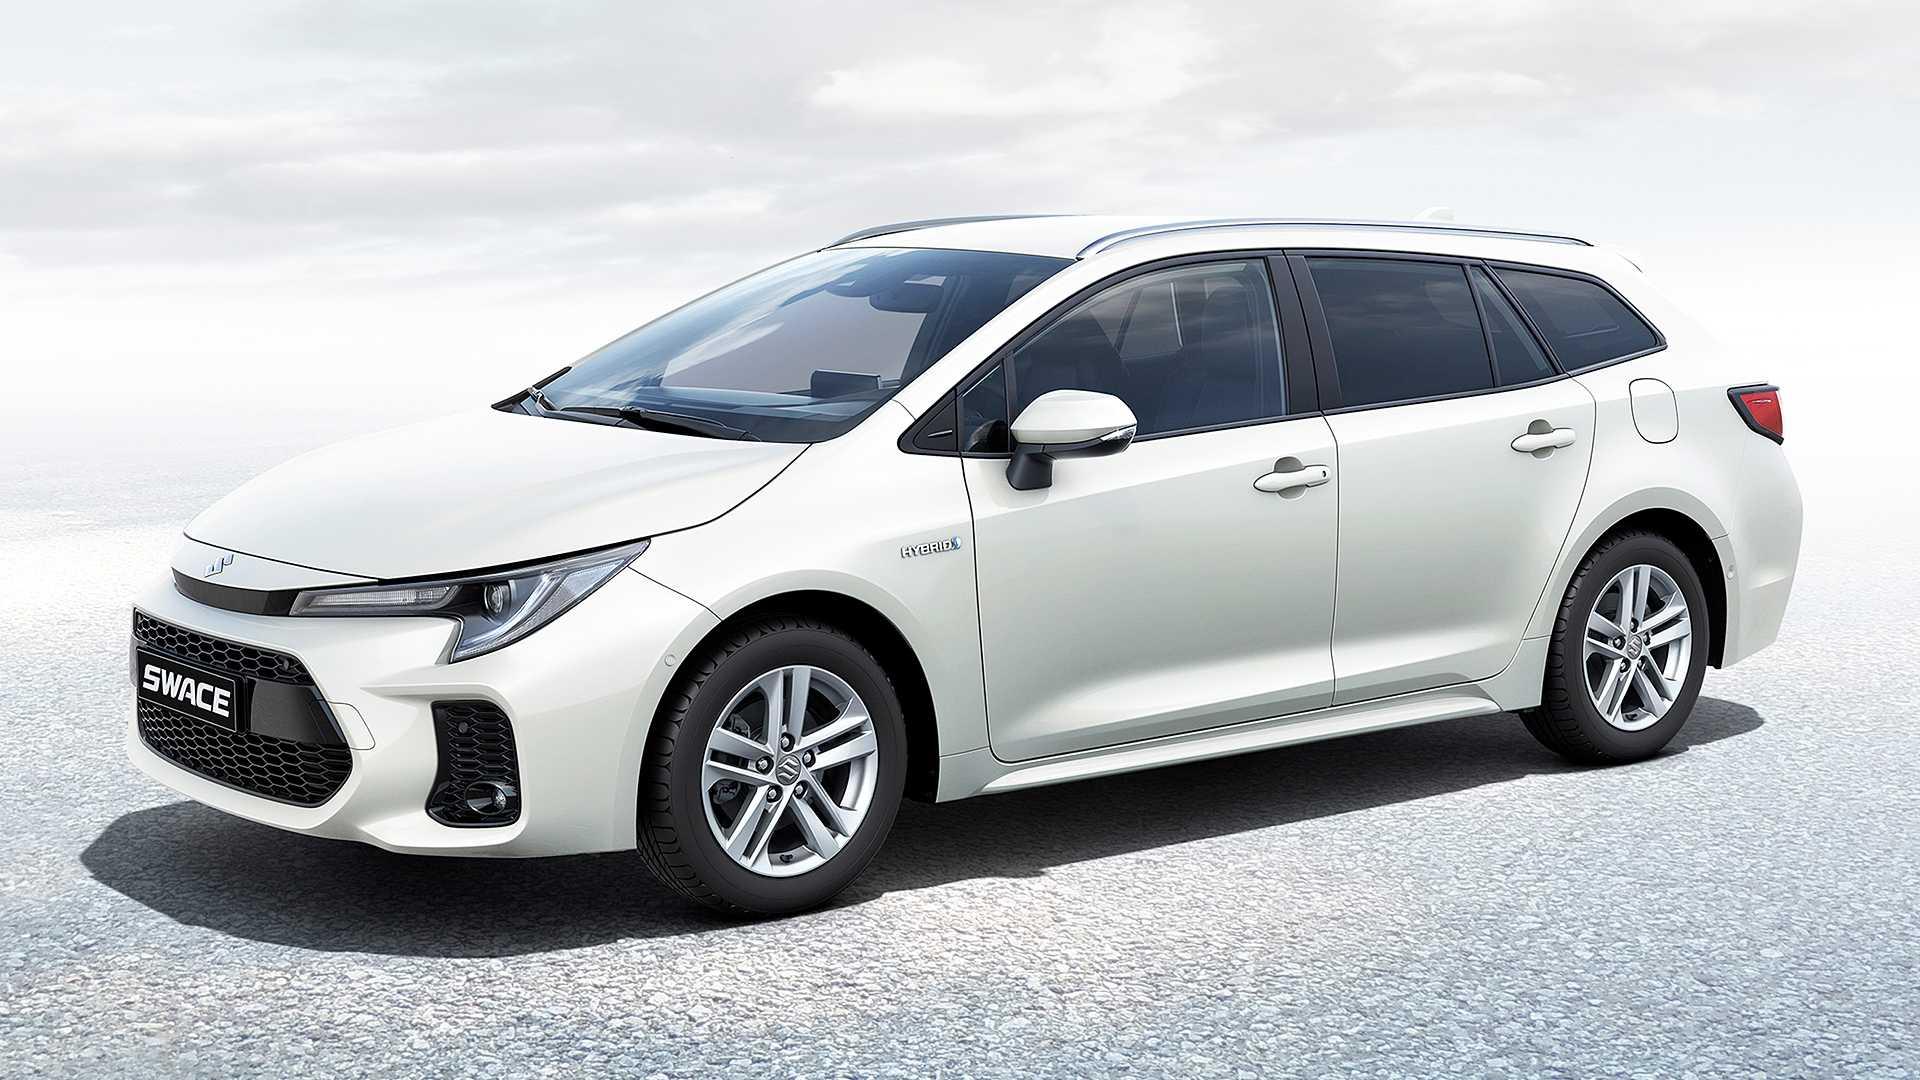 La nuova station wagon ibrida di Suzuki si chiama Swace